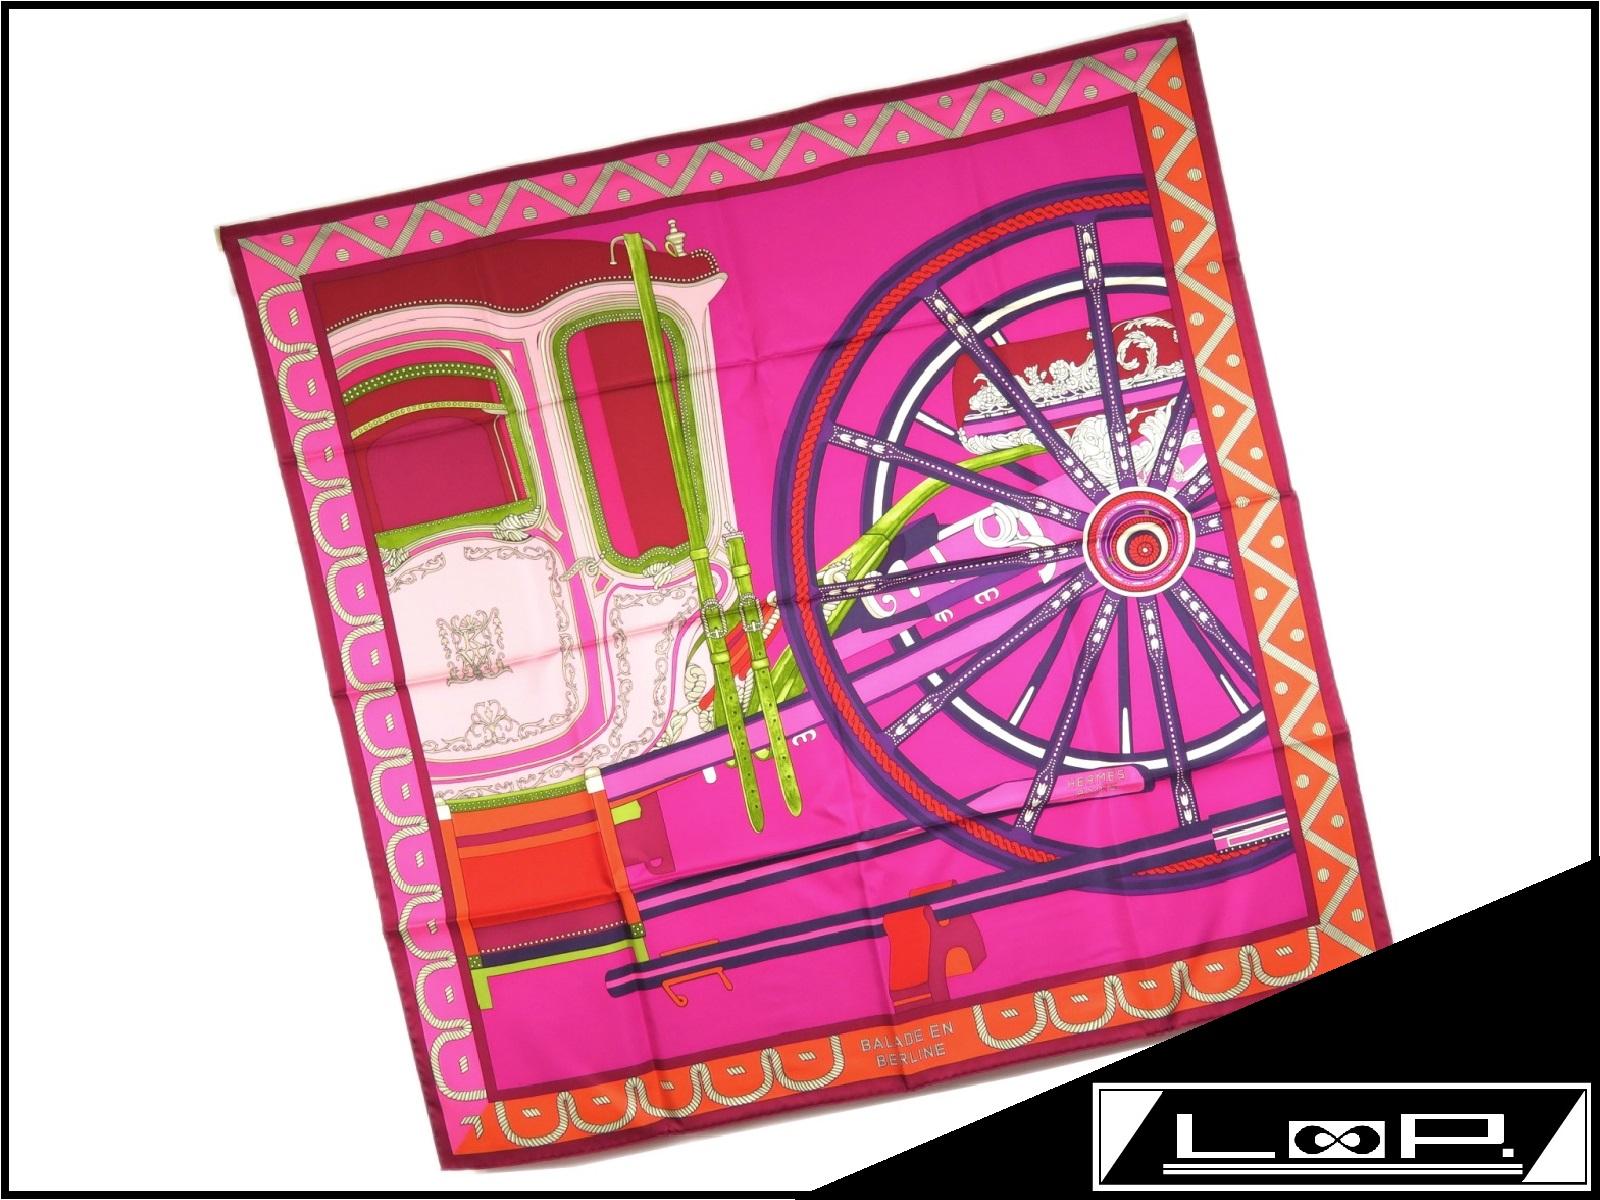 【未使用】 HERMES エルメス カレ 90 BALADE EN BERLINE ベルリンヌ馬車に乗って スカーフ 馬車 シルク ピンク パープル 紫 【A21174】 【中古】